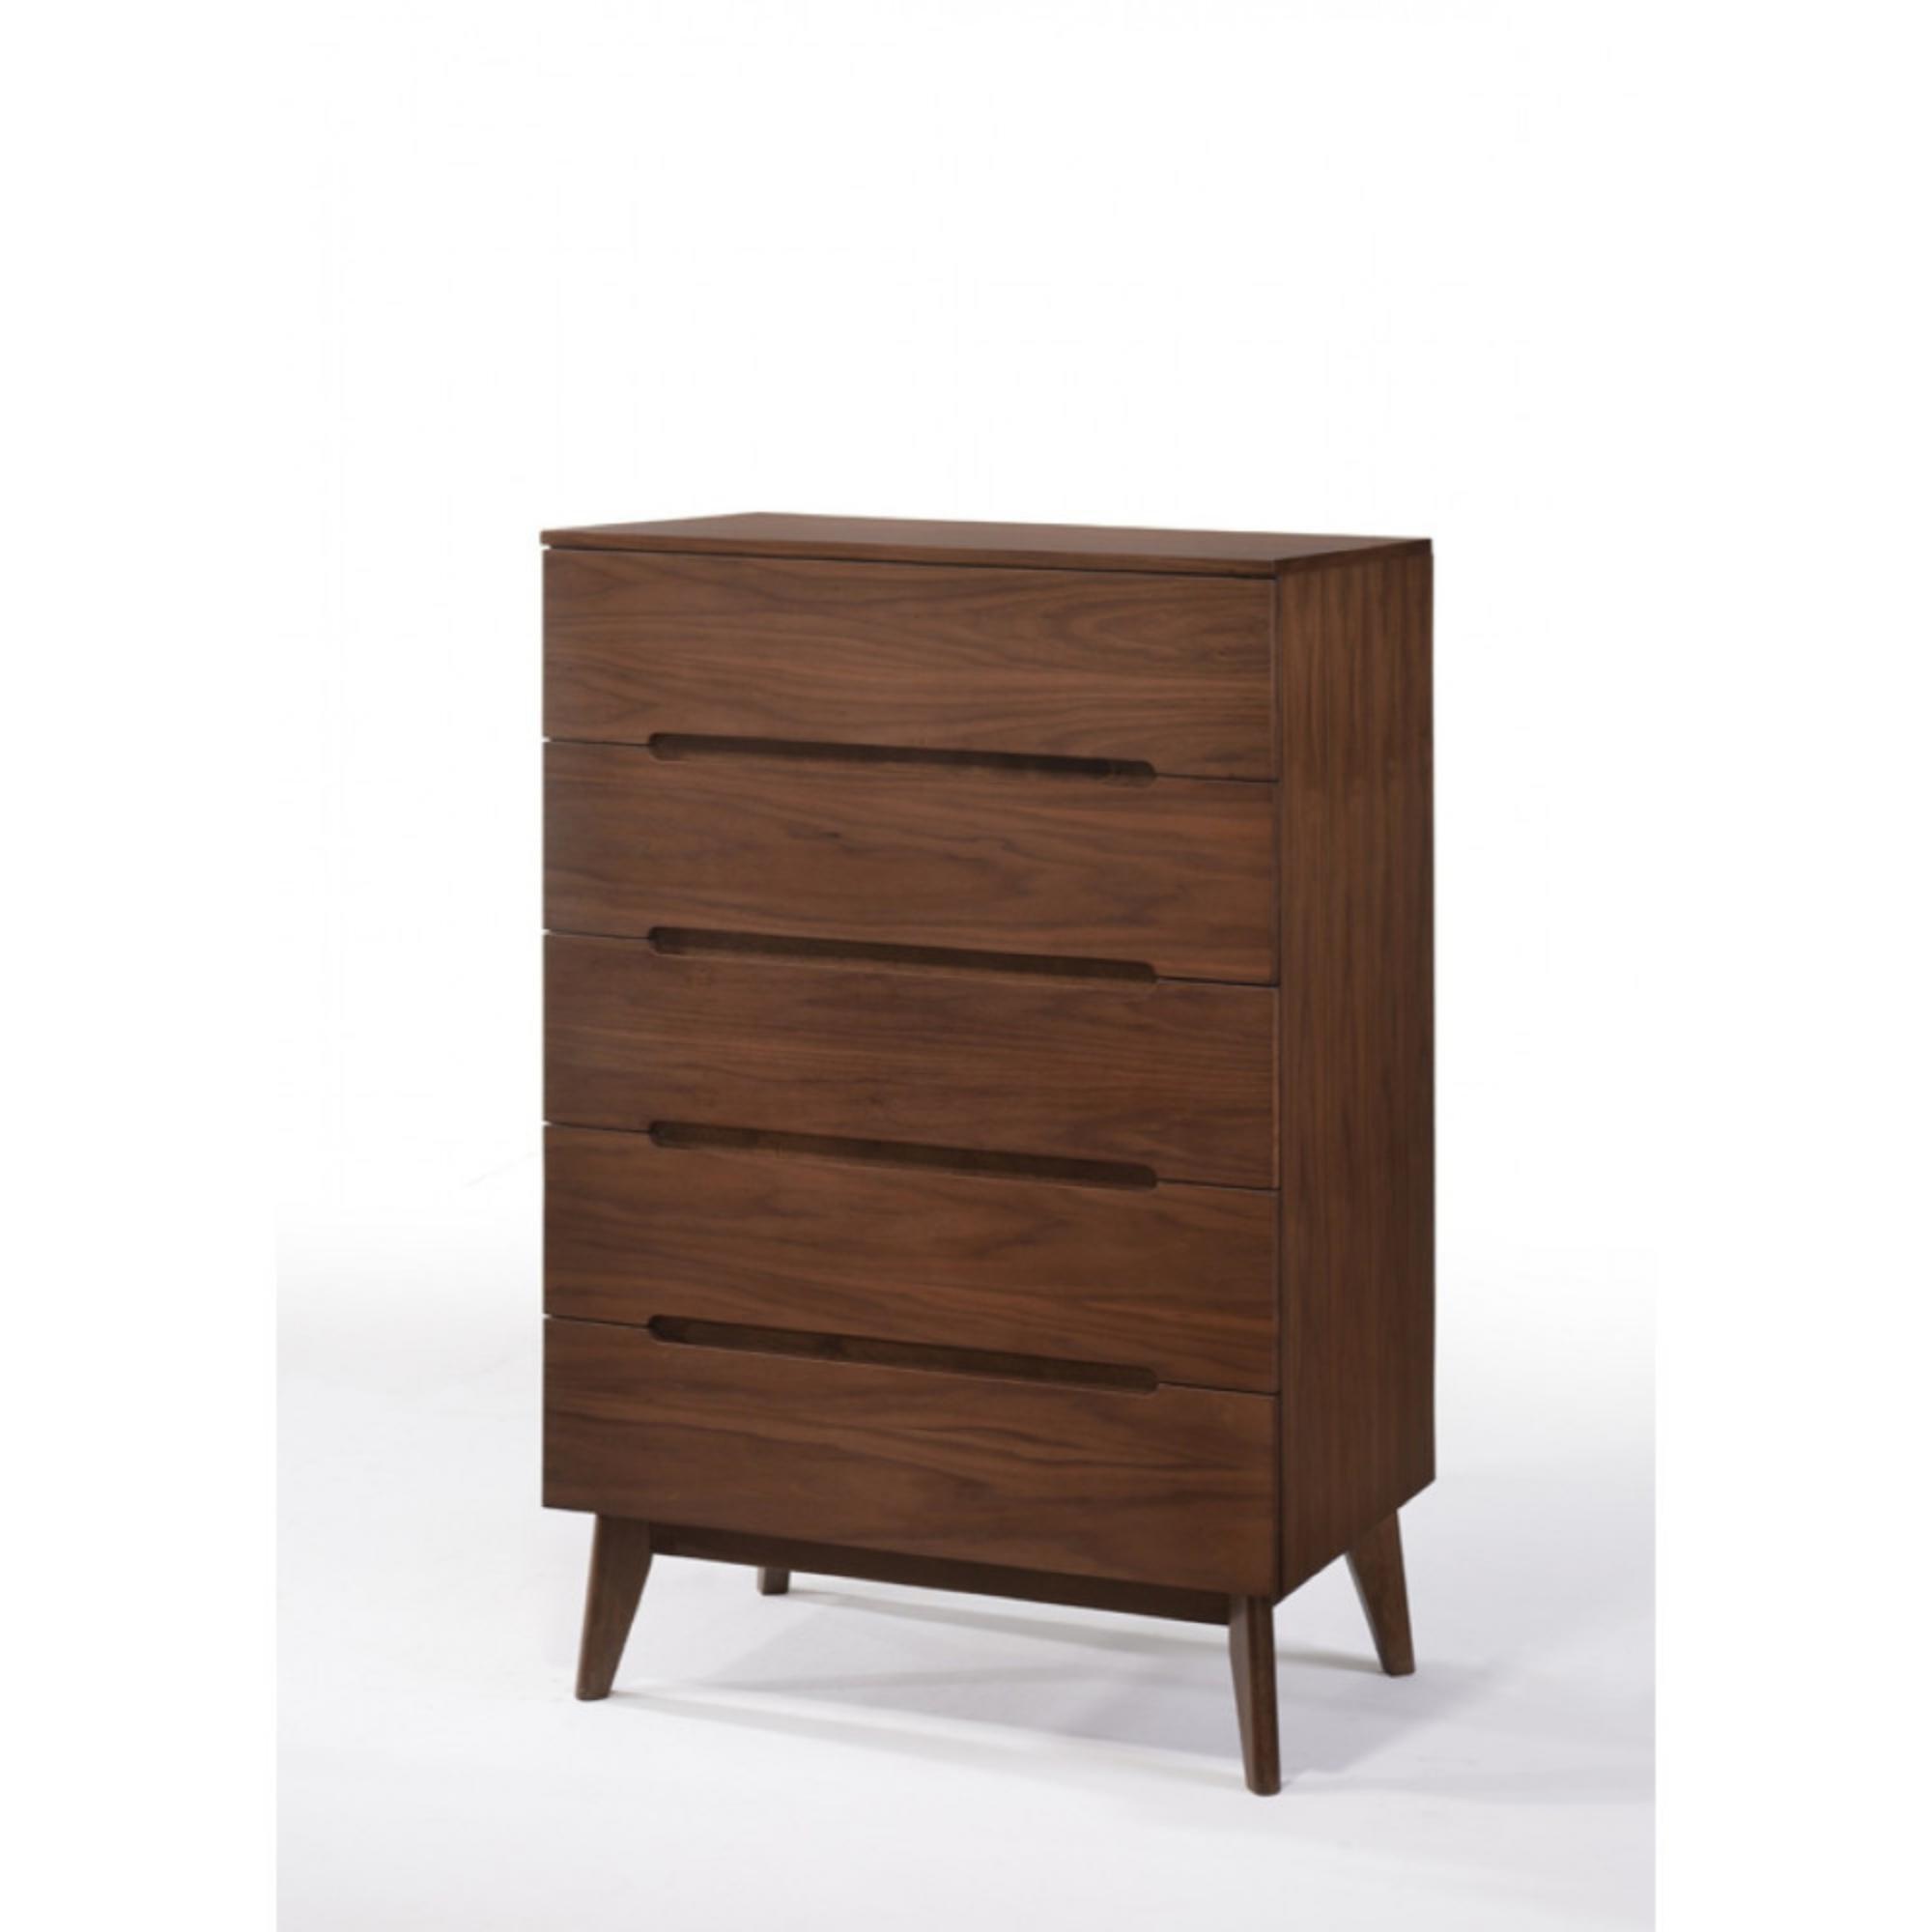 Corrigan Studio Leta Wooden 5 Drawers Chest Wayfair